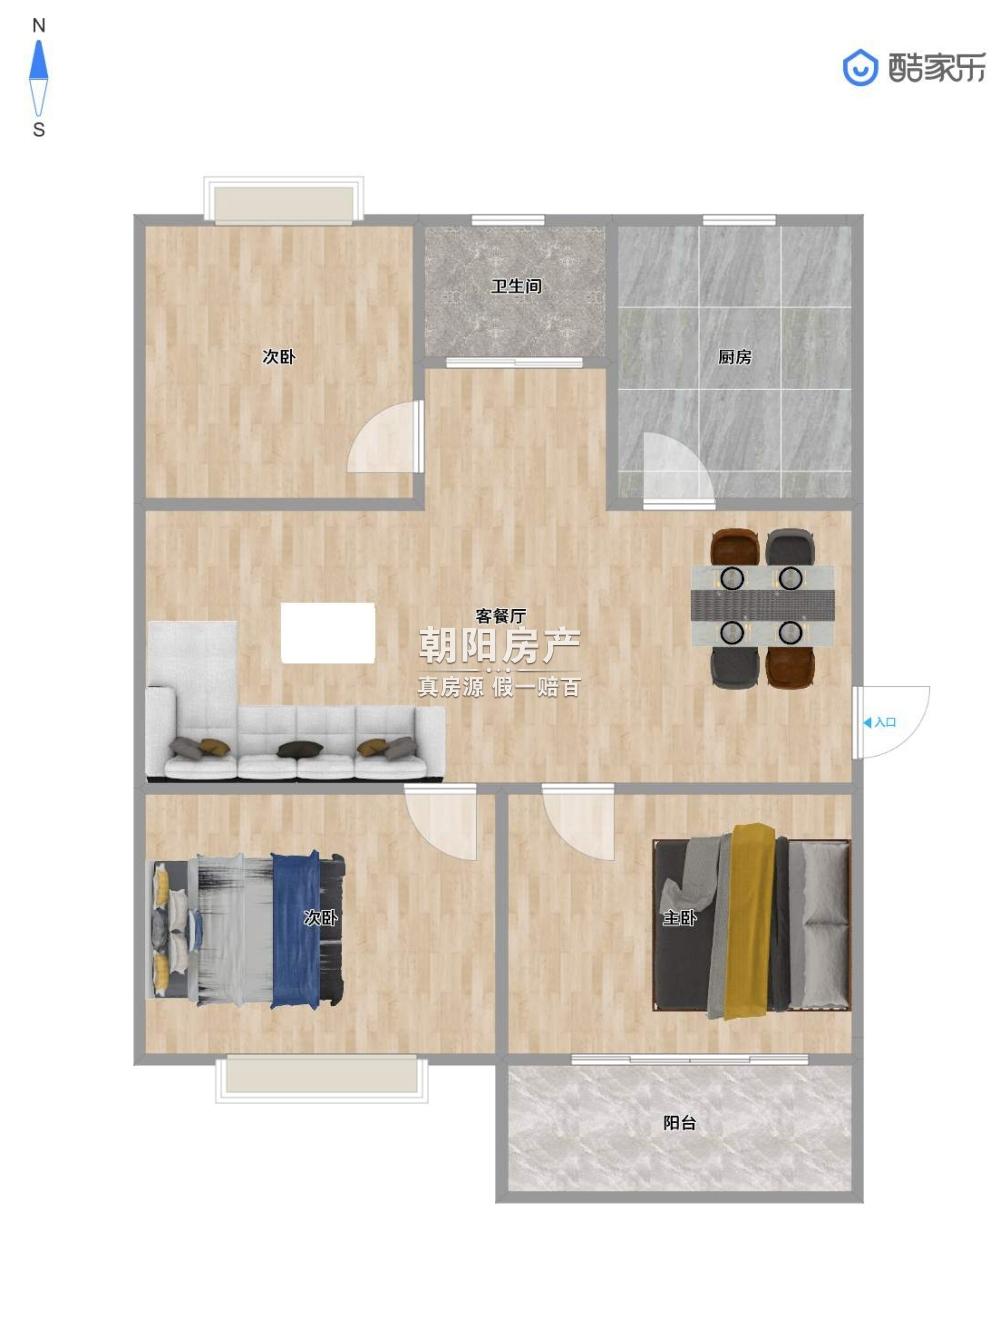 龙兴园吉房3室2厅急售,商品房